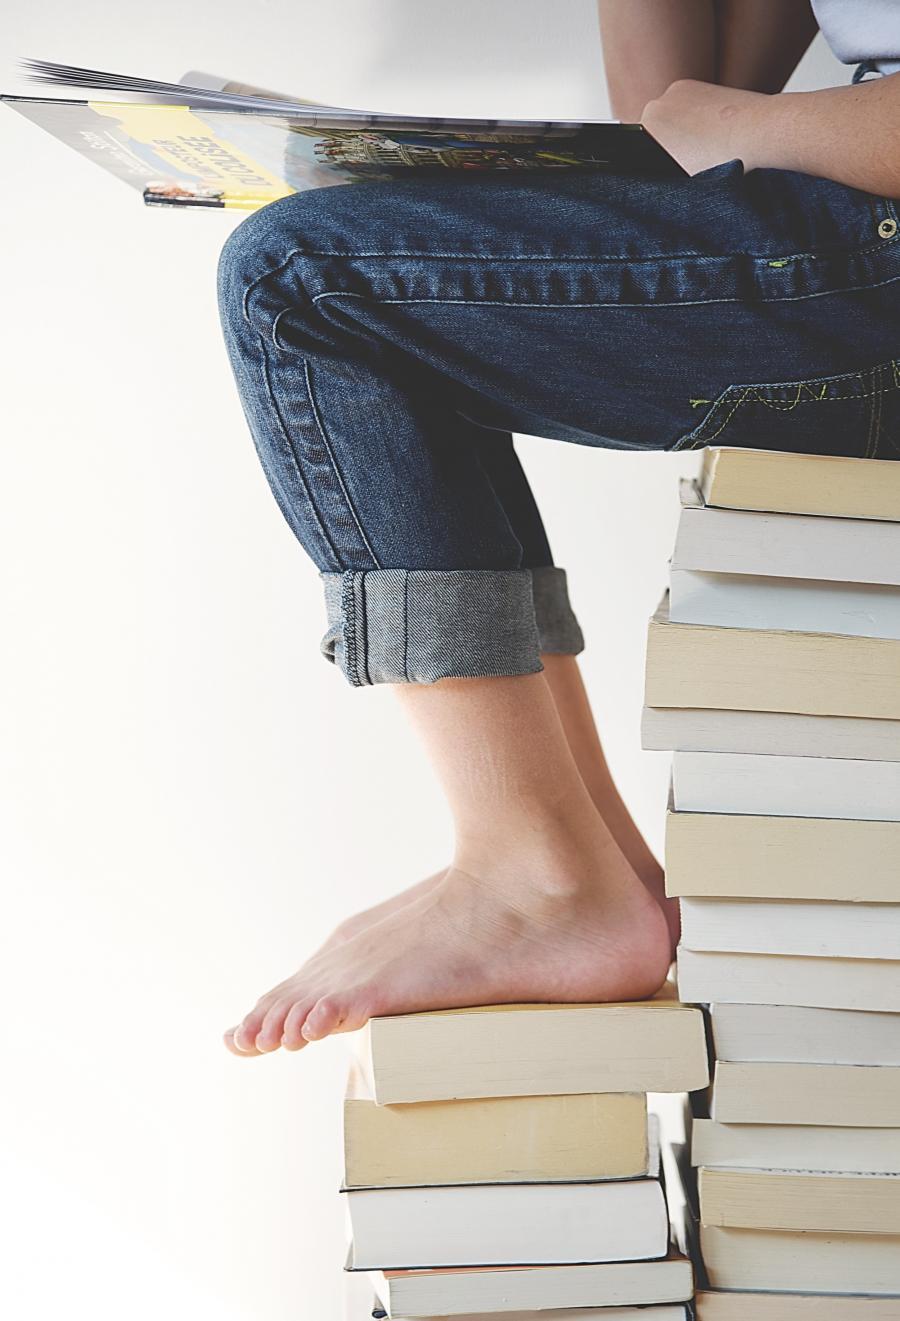 Læs en serie i din ferie